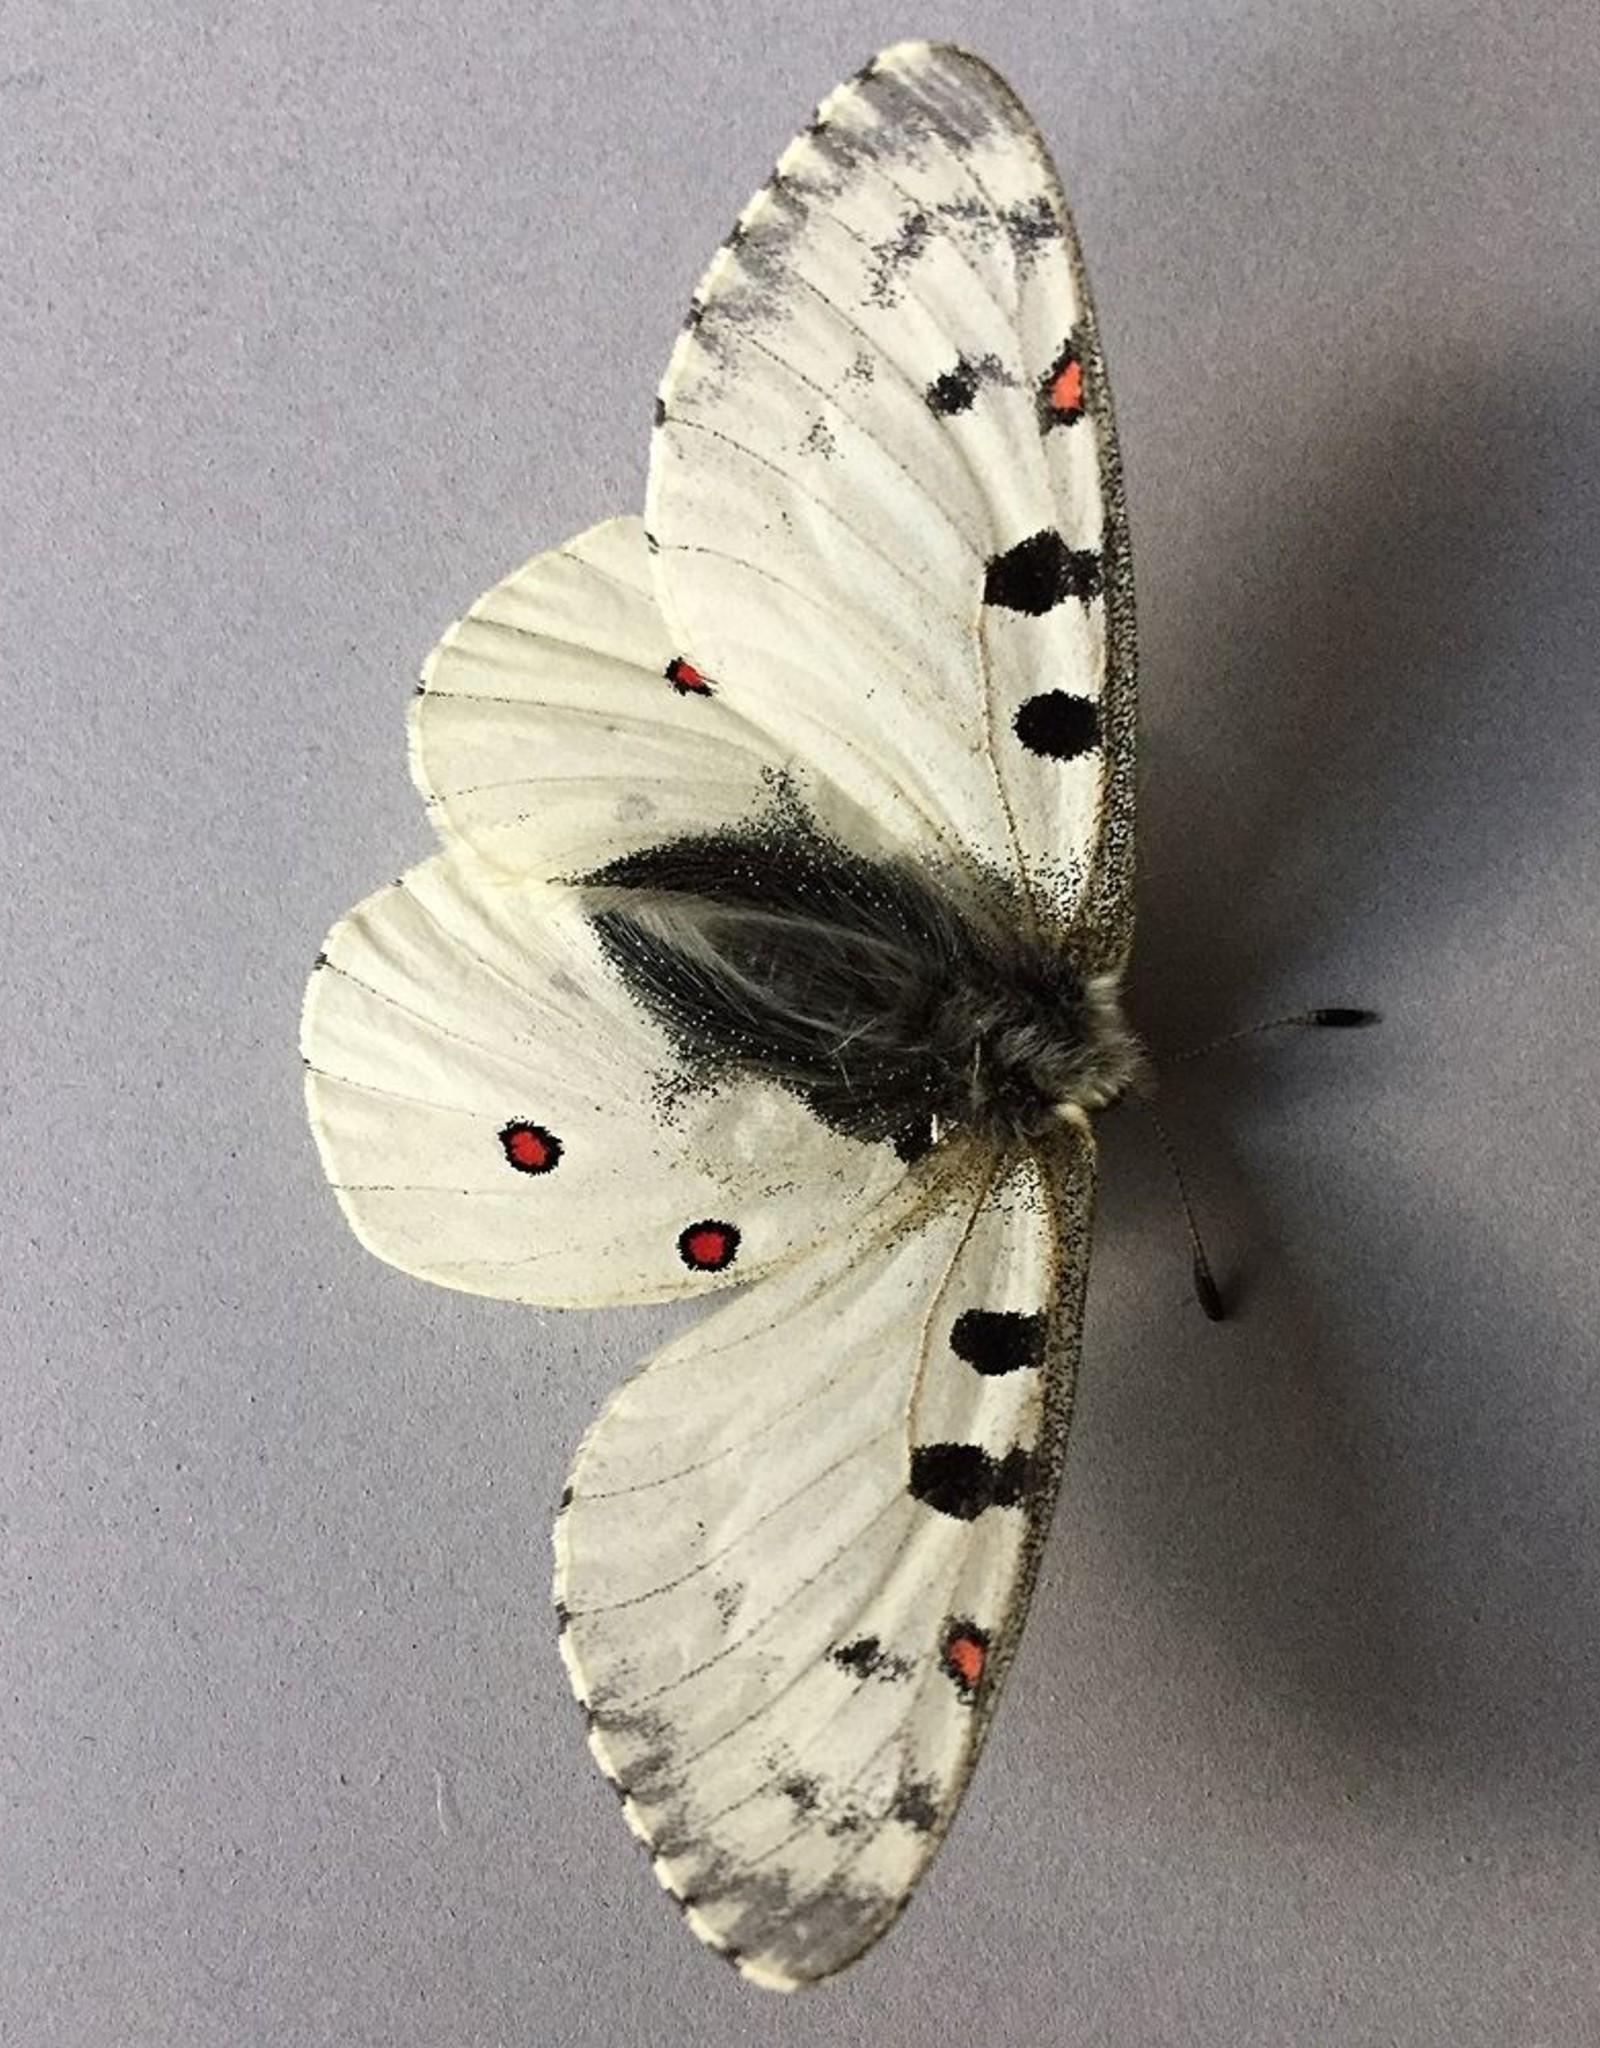 Parnassius smintheus smintheus M A1 AB, Canada